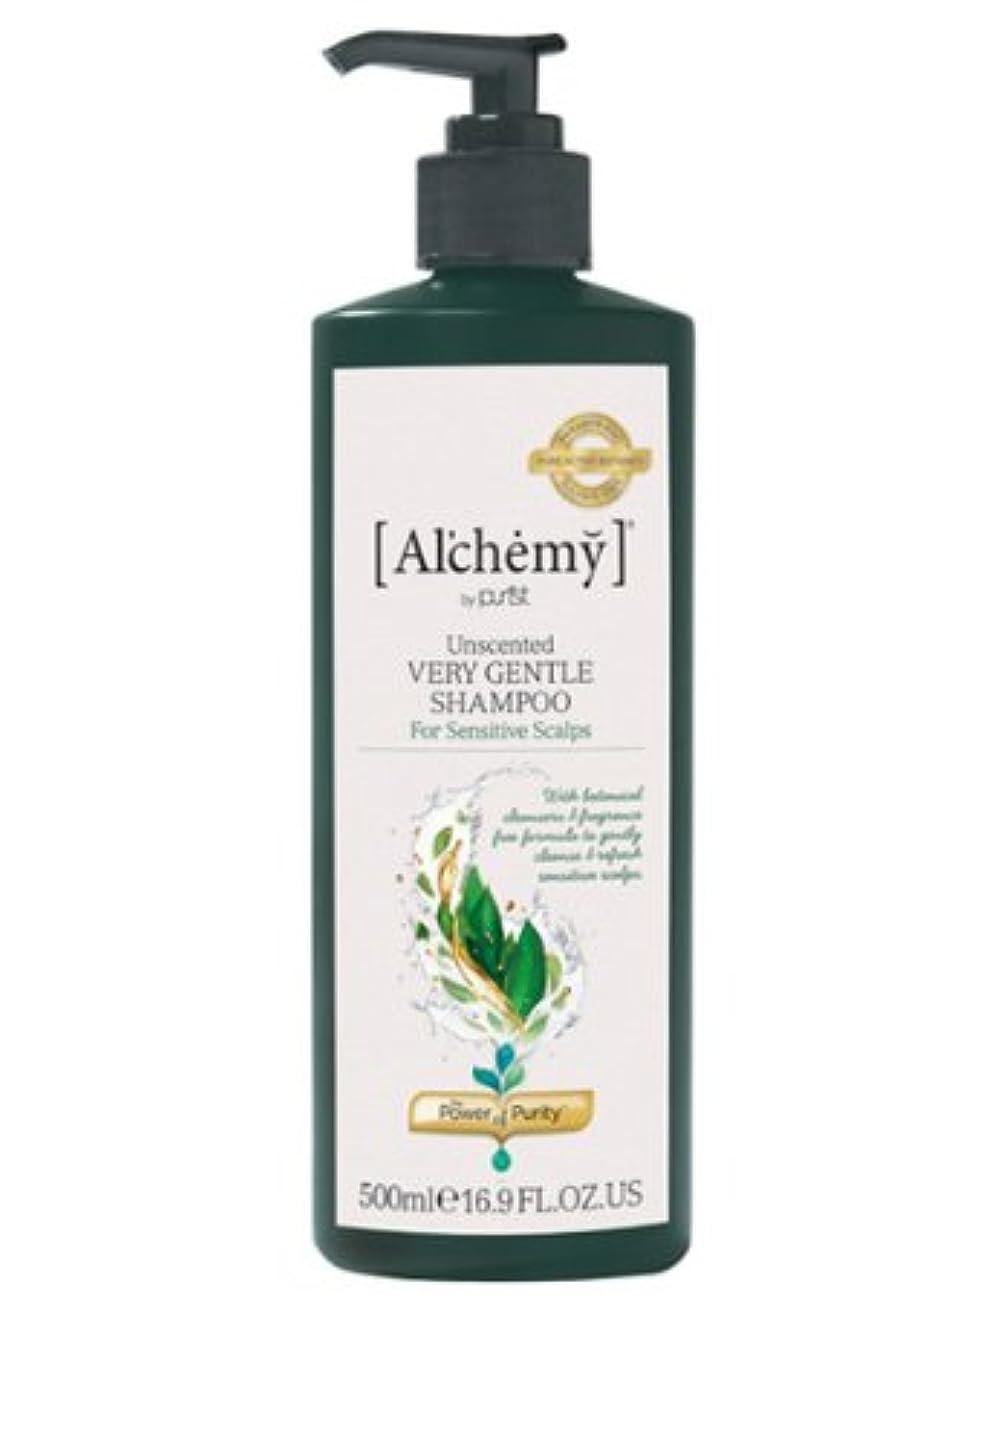 ウサギ空中プログラム【Al'chemy(alchemy)】アルケミー ベリージェントルシャンプー(Unscented Very Gentle Shampoo)(敏感肌用)500ml